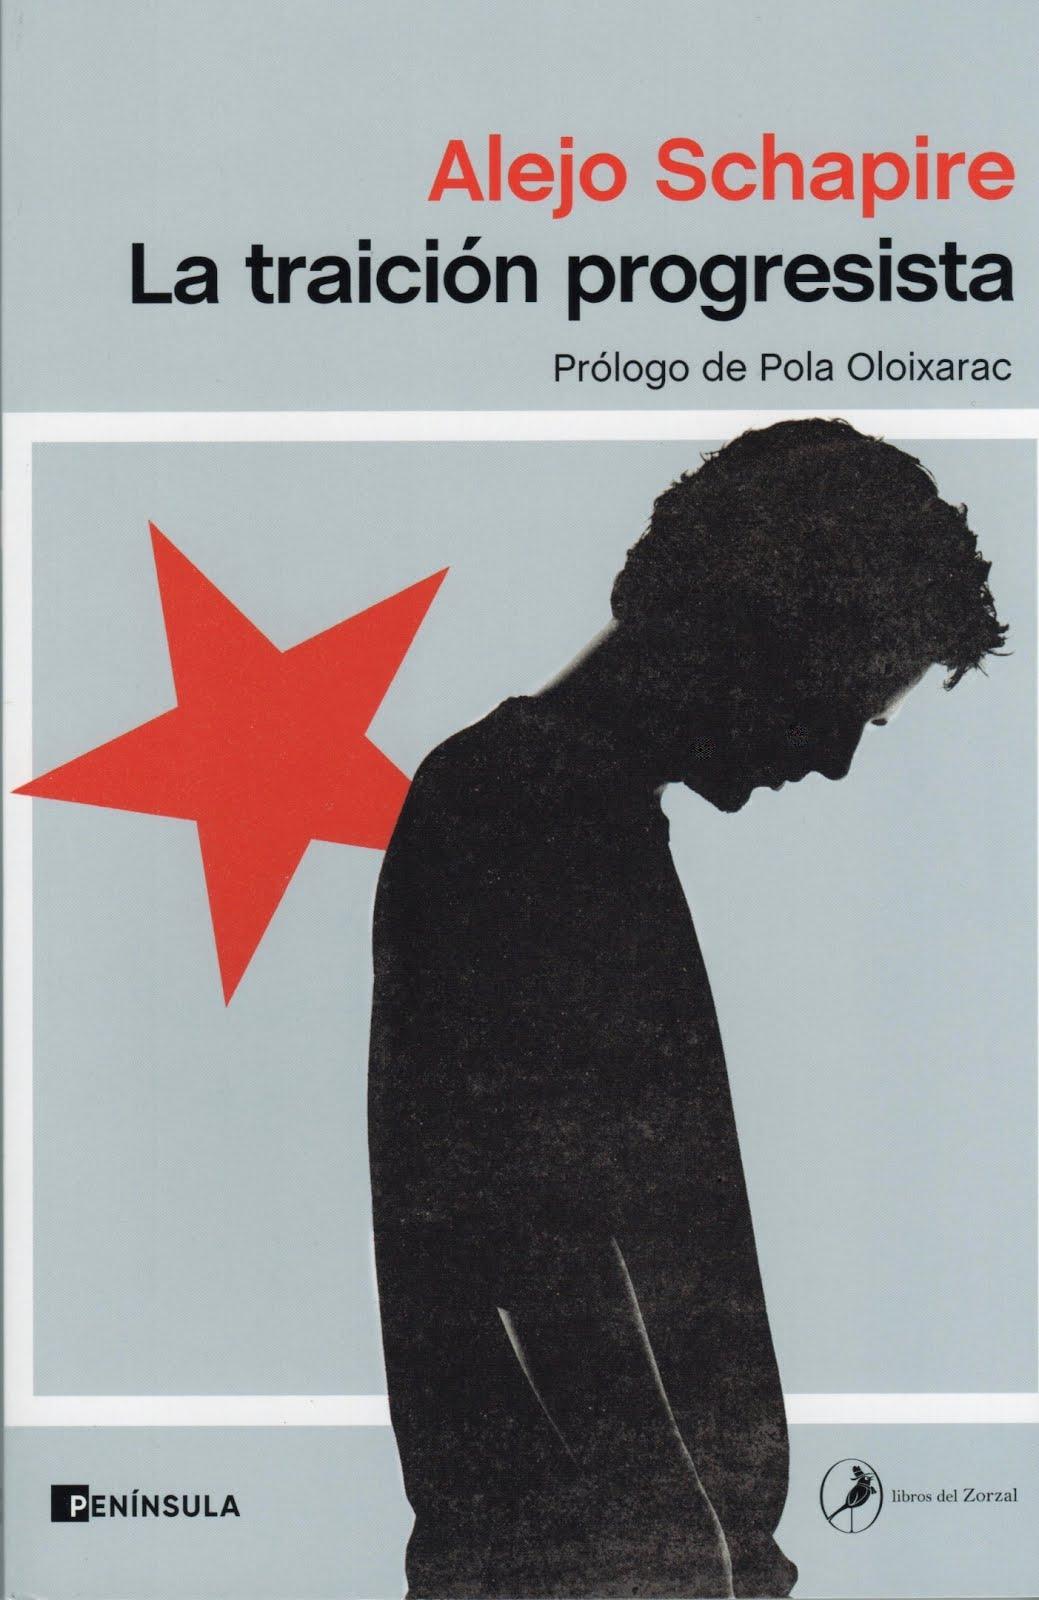 Alejo Schapire (La traición progresista)